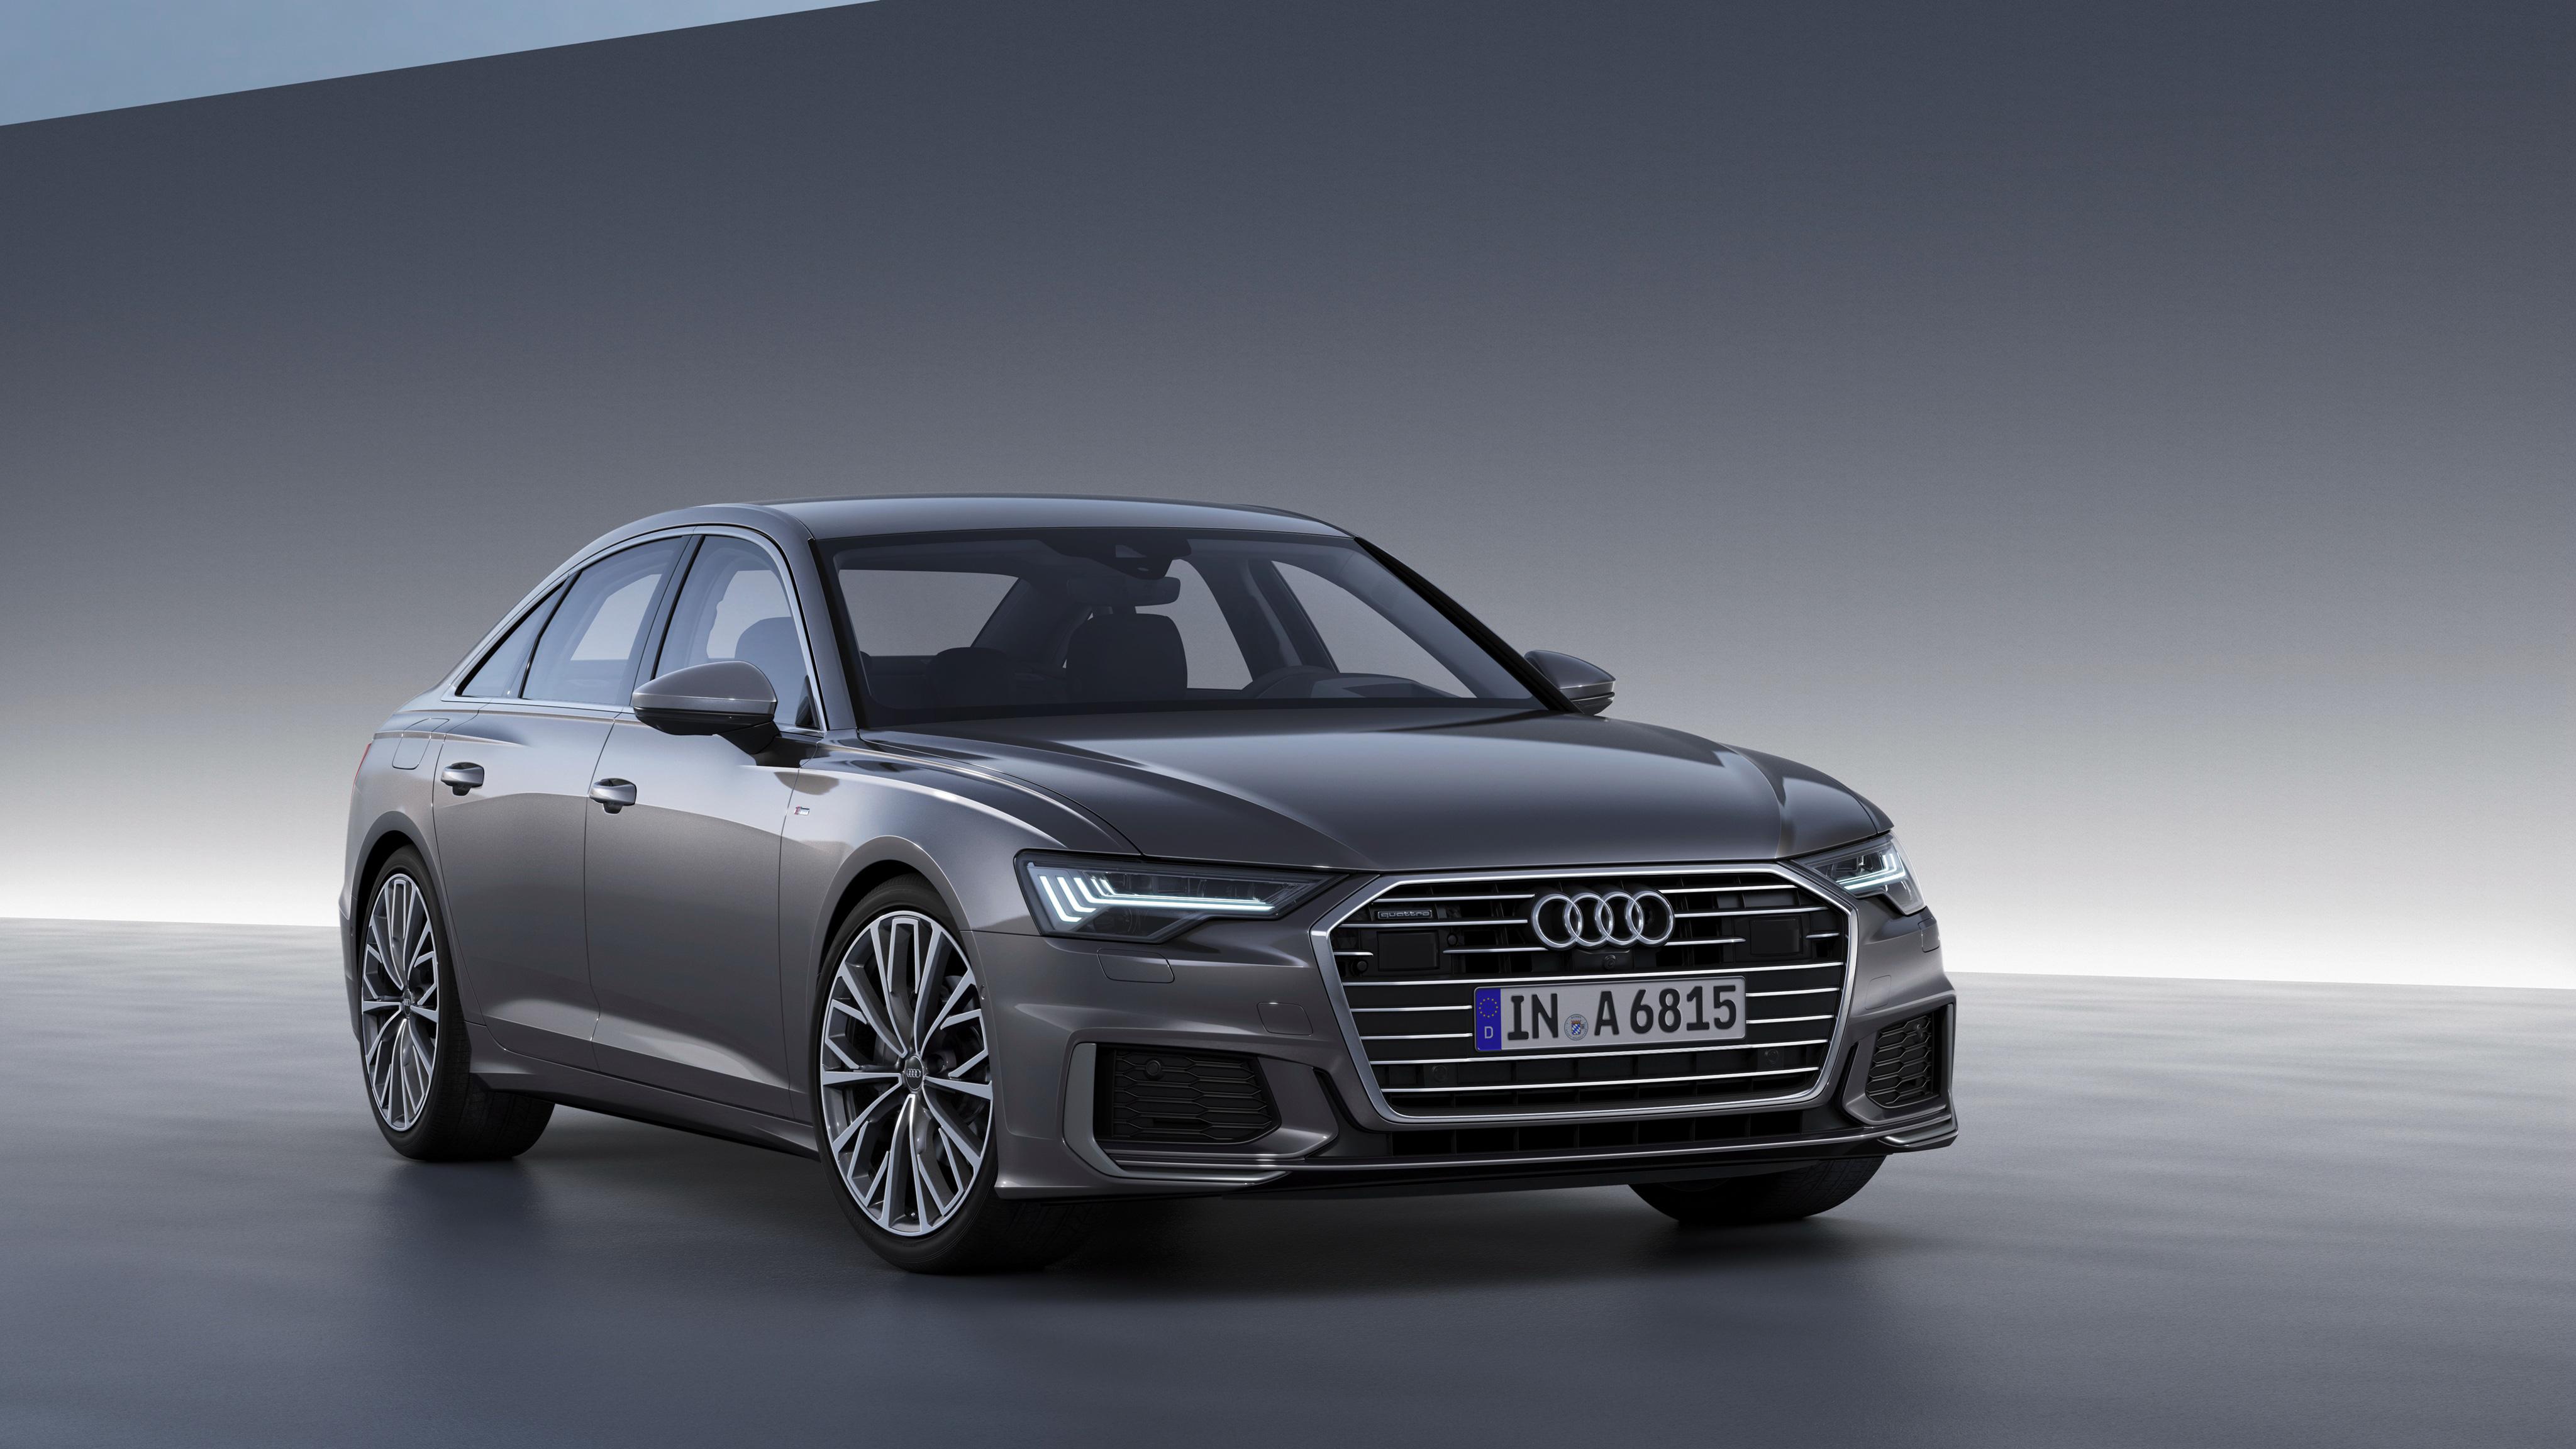 Audi A6 50 TDI Quattro S, HD Cars, 4k Wallpapers, Images ...  K Audi A on audi s4, audi a11, audi a2, audi logo, audi a9, audi aa, audi x6, audi a1, audi r6,